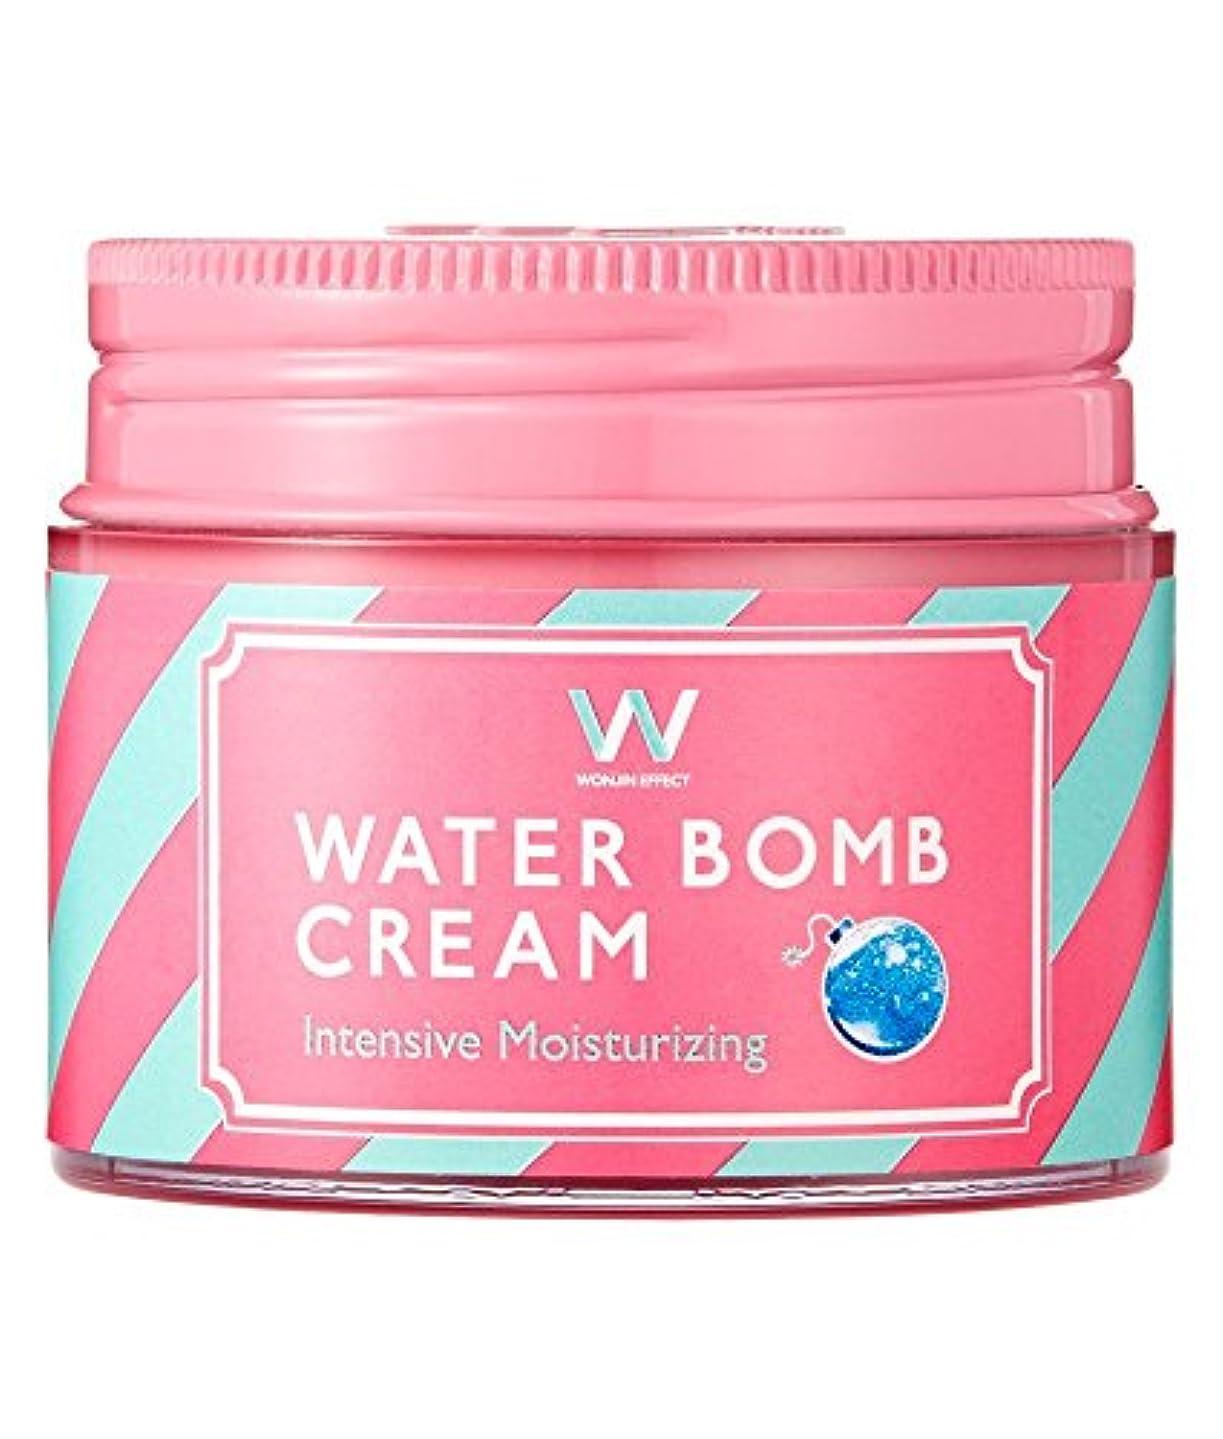 装備する征服する関係するWONJIN EFFECT ウォンジンエフェクト水爆弾クリーム/ウォーターボムクリーム [Water Bomb Cream] - 50ml, 1.69 fl. oz.